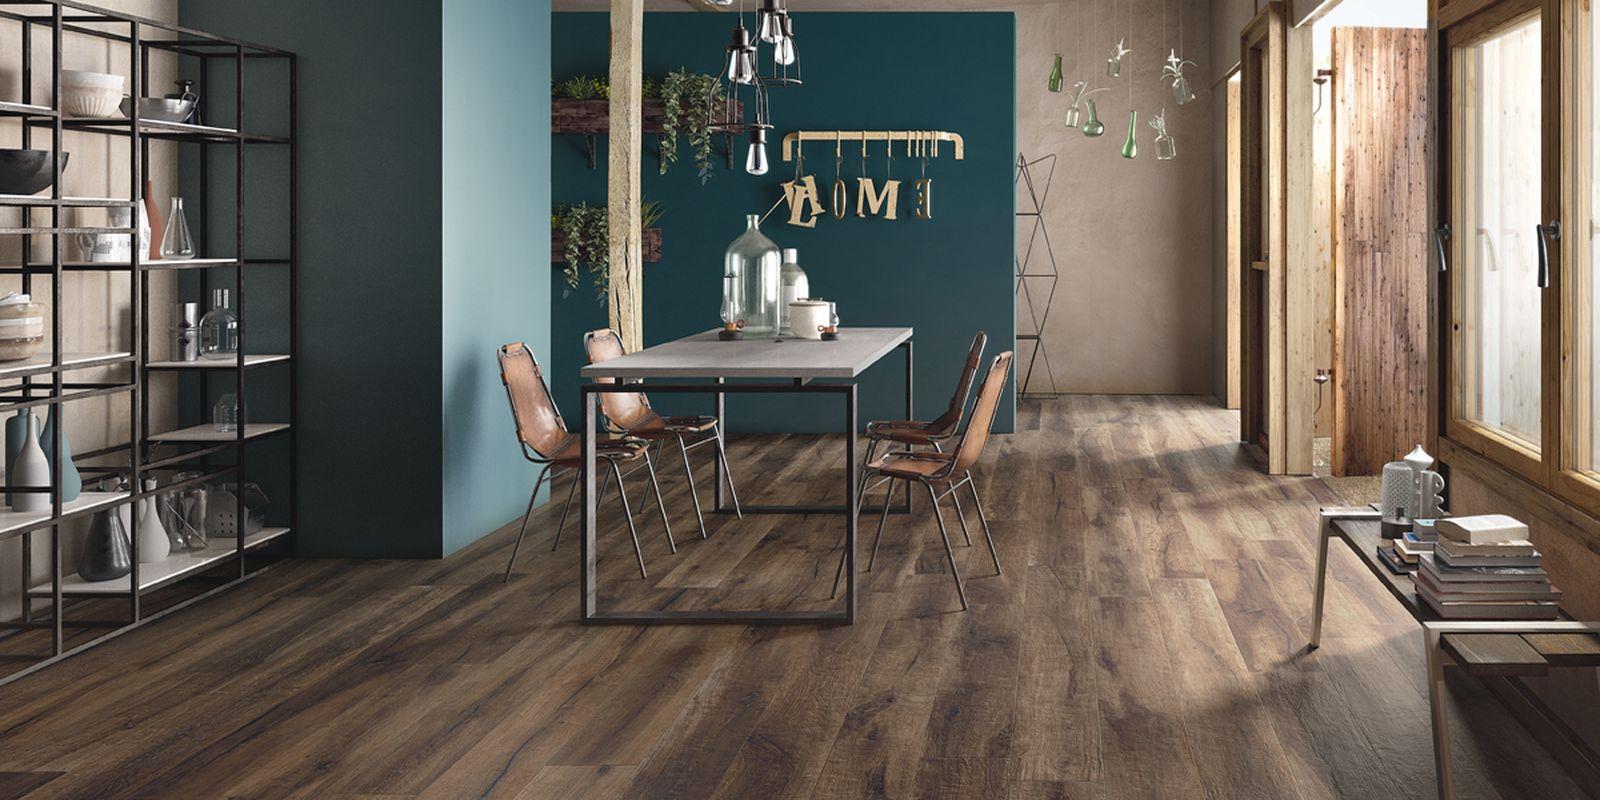 Kuni cooperativa ceramiche d 39 imola pavimenti effetto legno for Ceramiche di imola